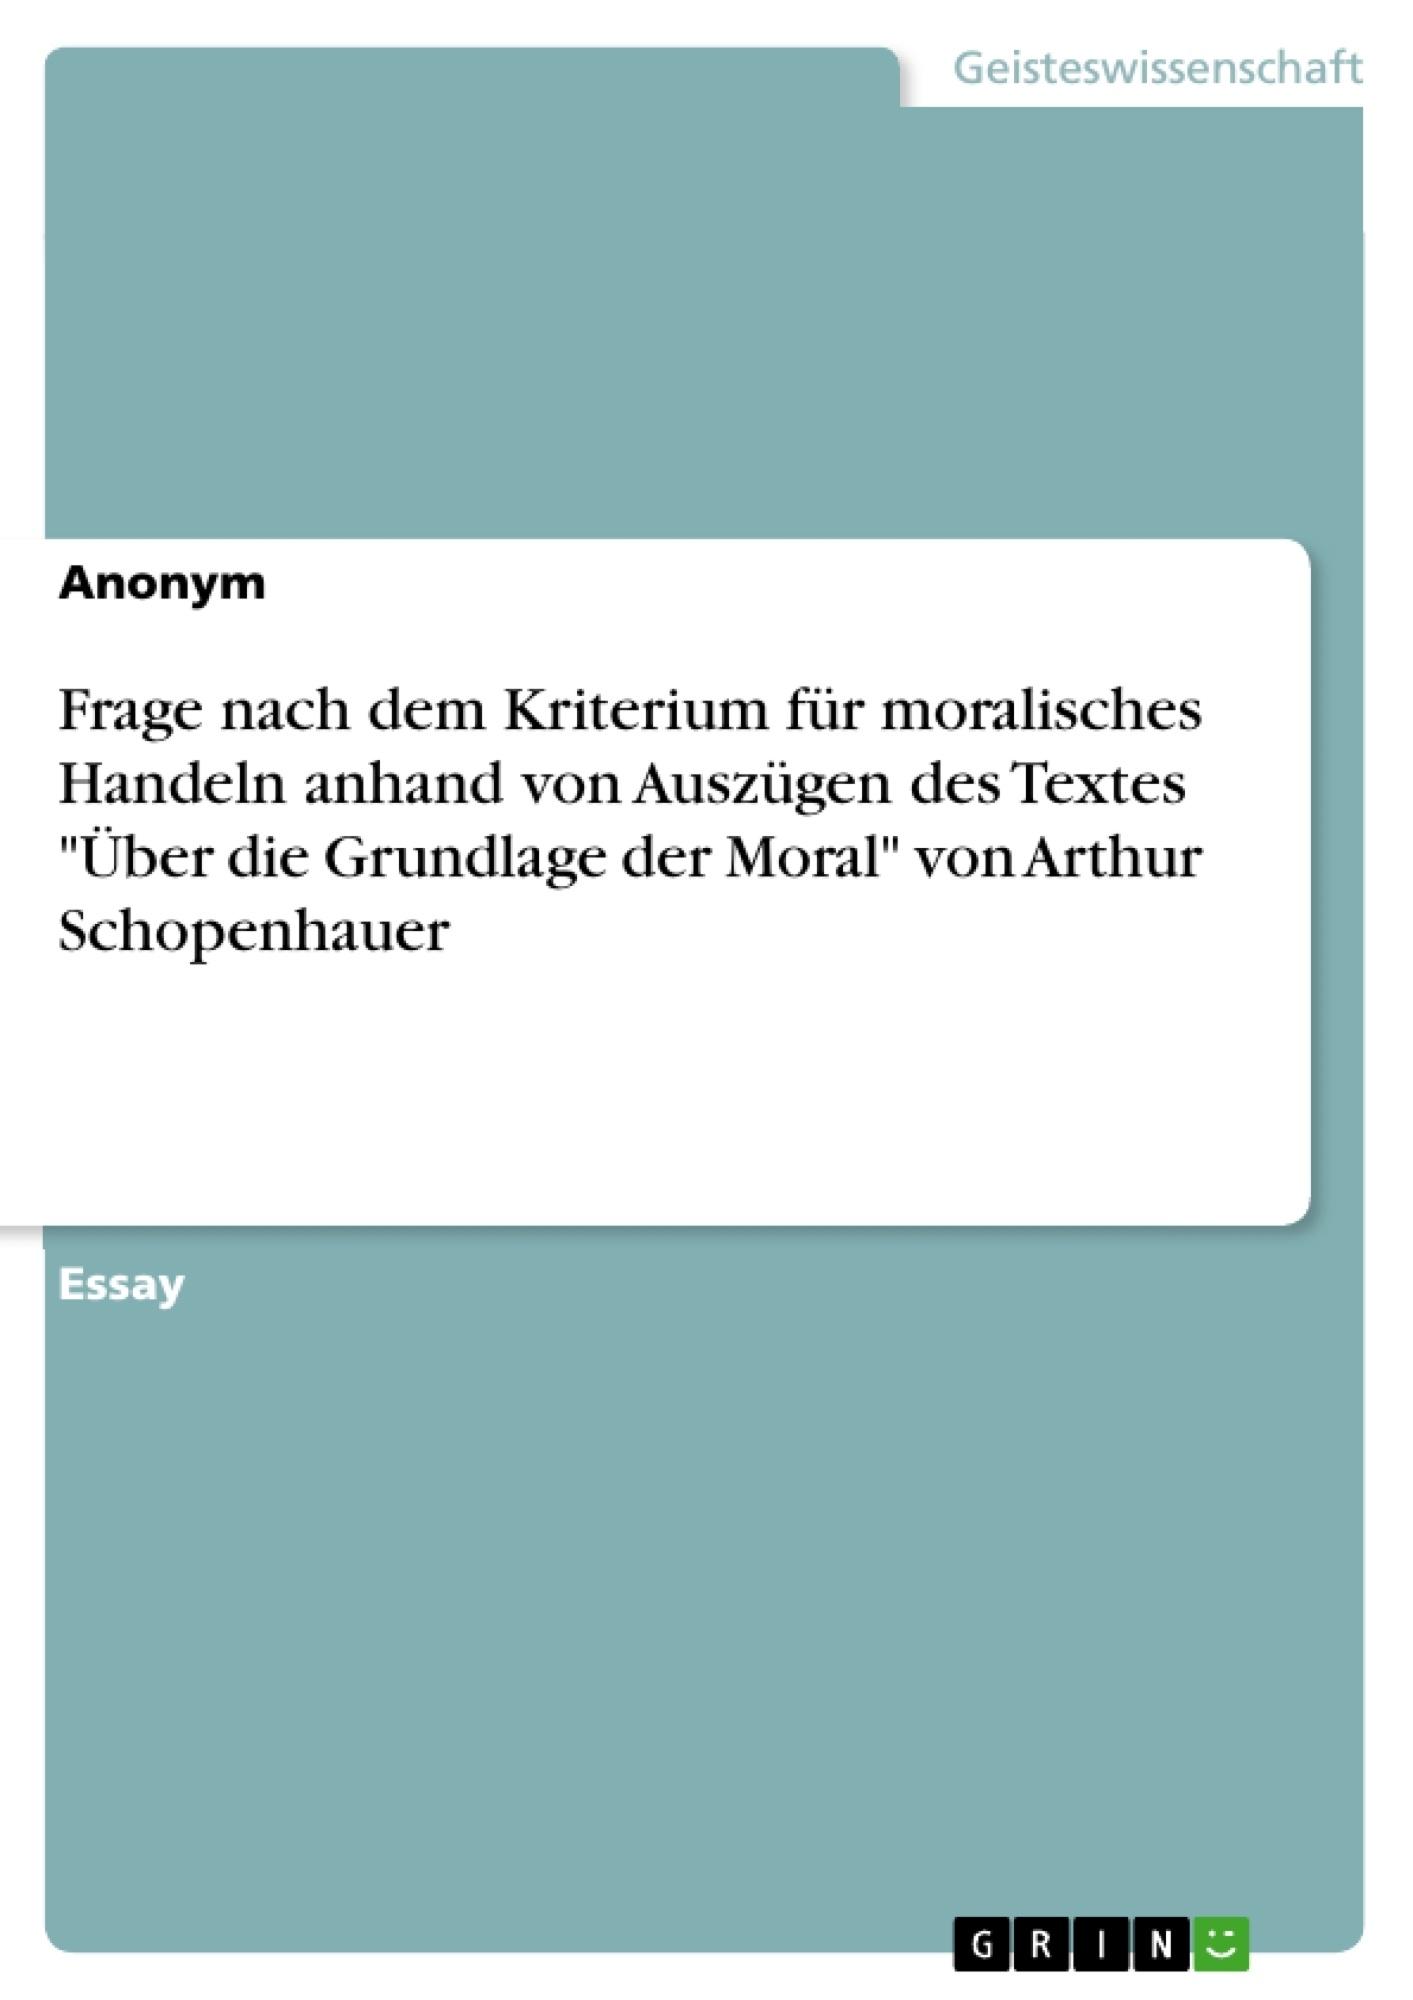 """Titel: Frage nach dem Kriterium für moralisches Handeln anhand von Auszügen des Textes """"Über die Grundlage der Moral"""" von Arthur Schopenhauer"""